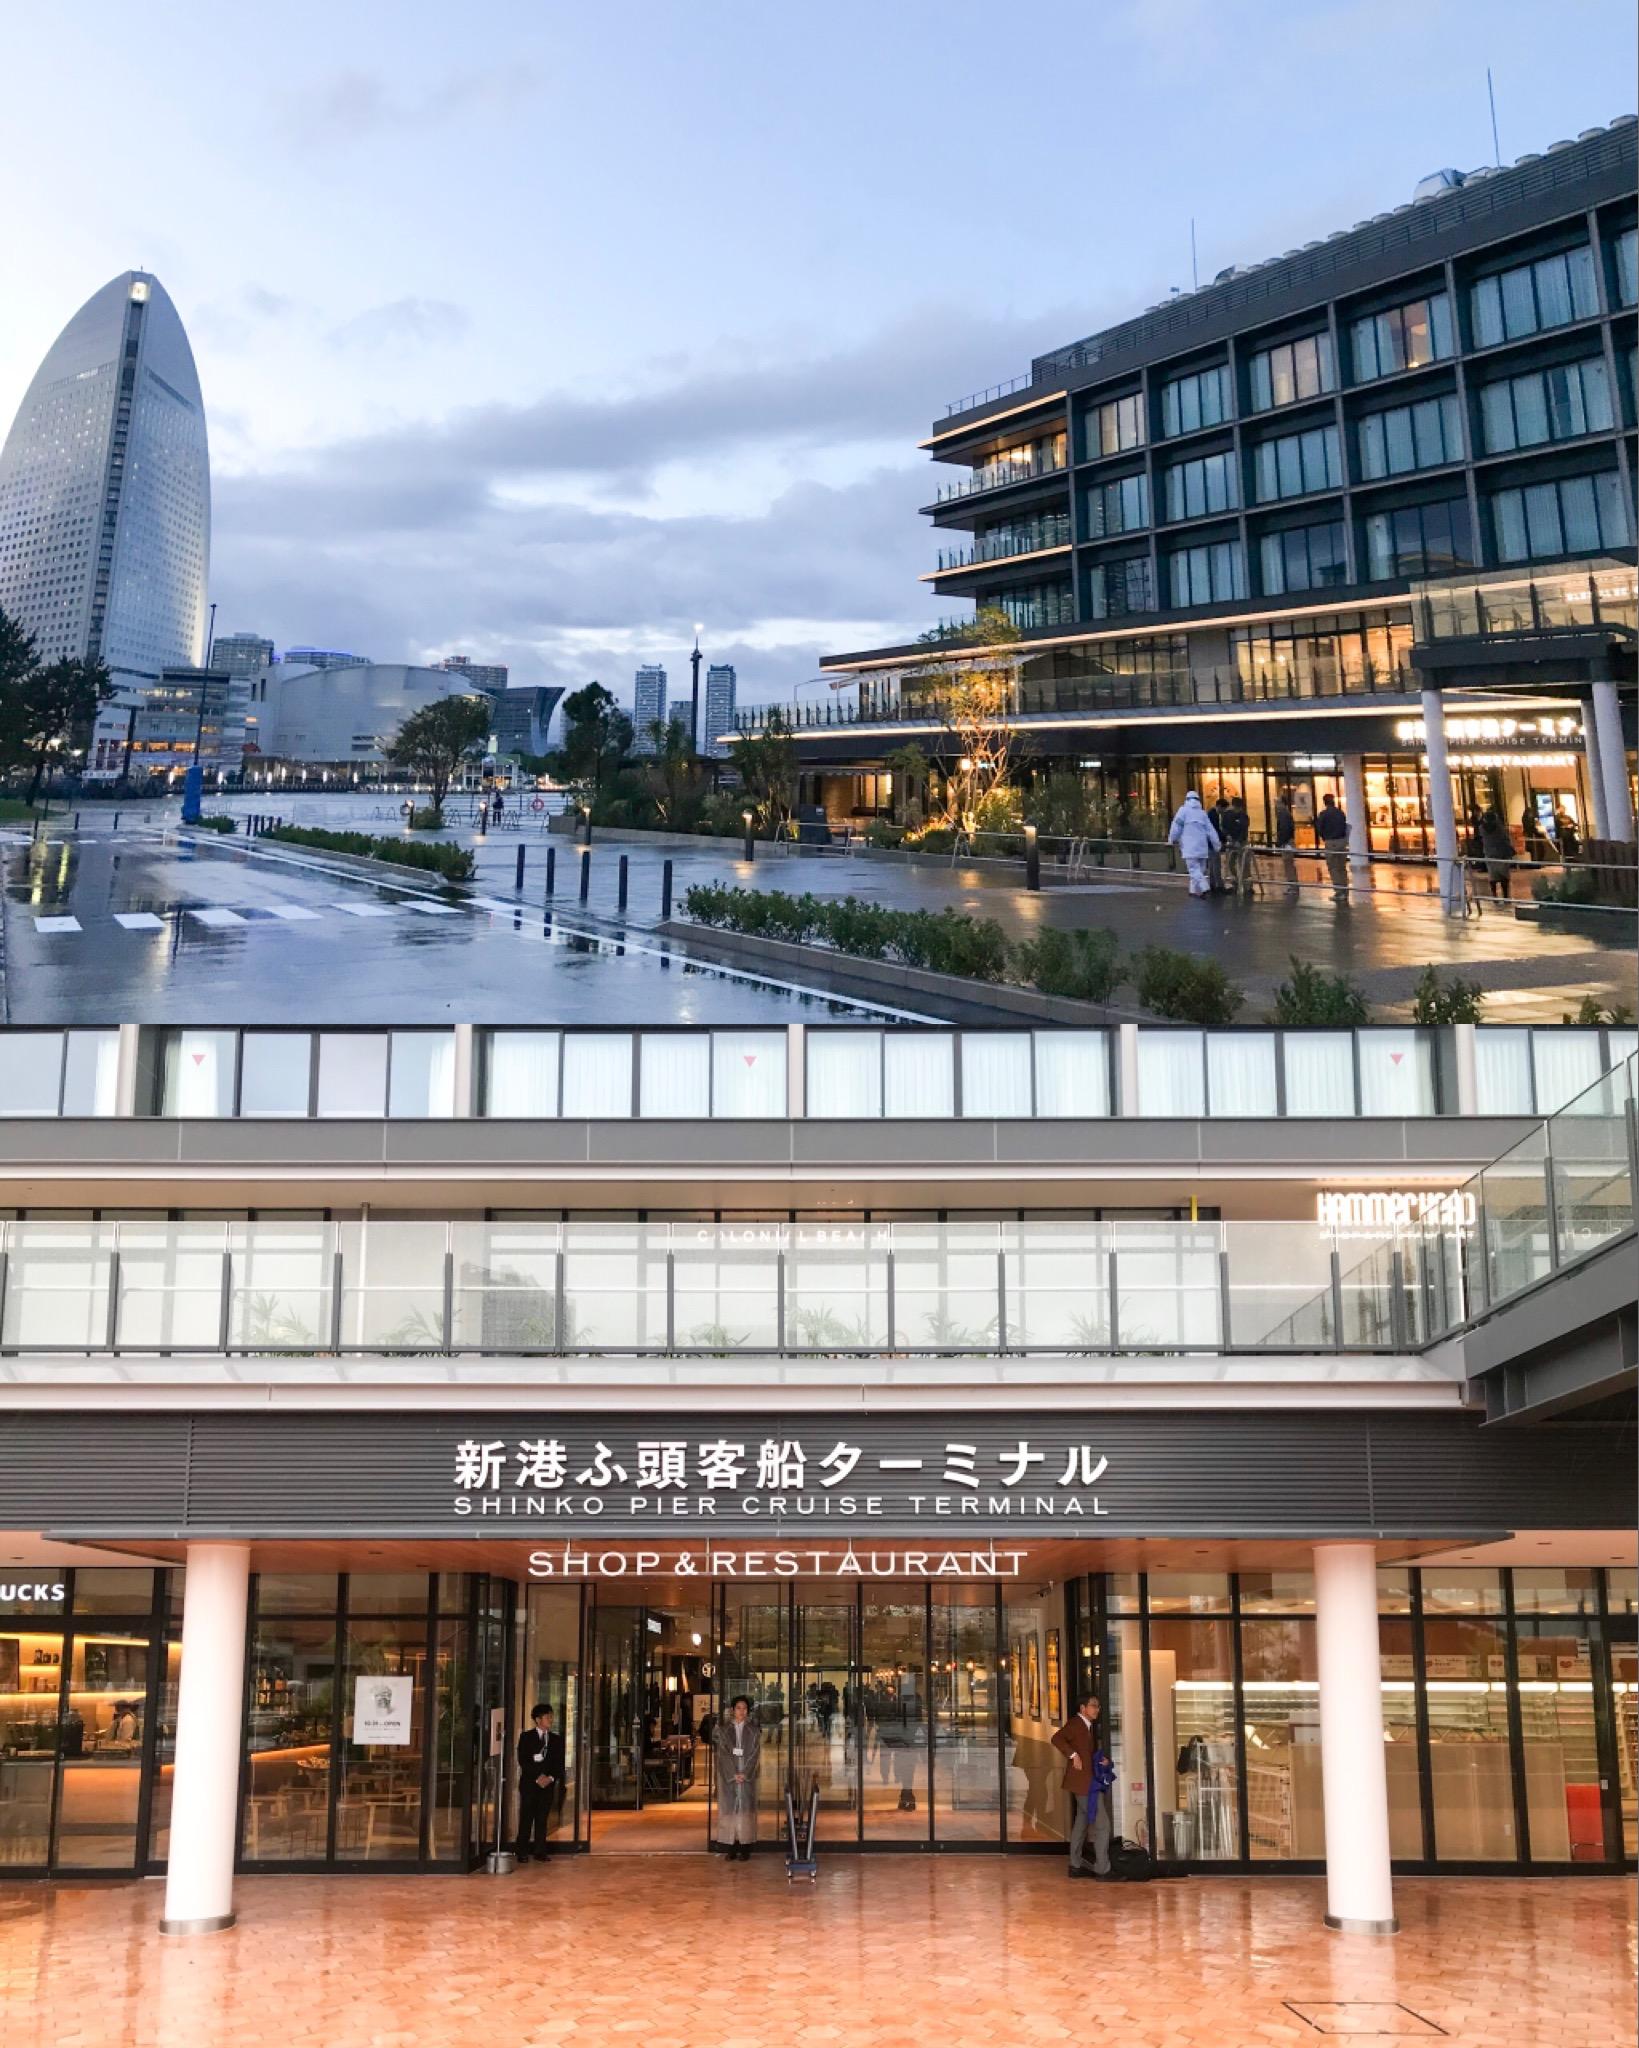 みなとみらい新スポット『横浜ハンマーヘッド』がオープン! おしゃれカフェ、お土産におすすめなグルメショップ5選_1